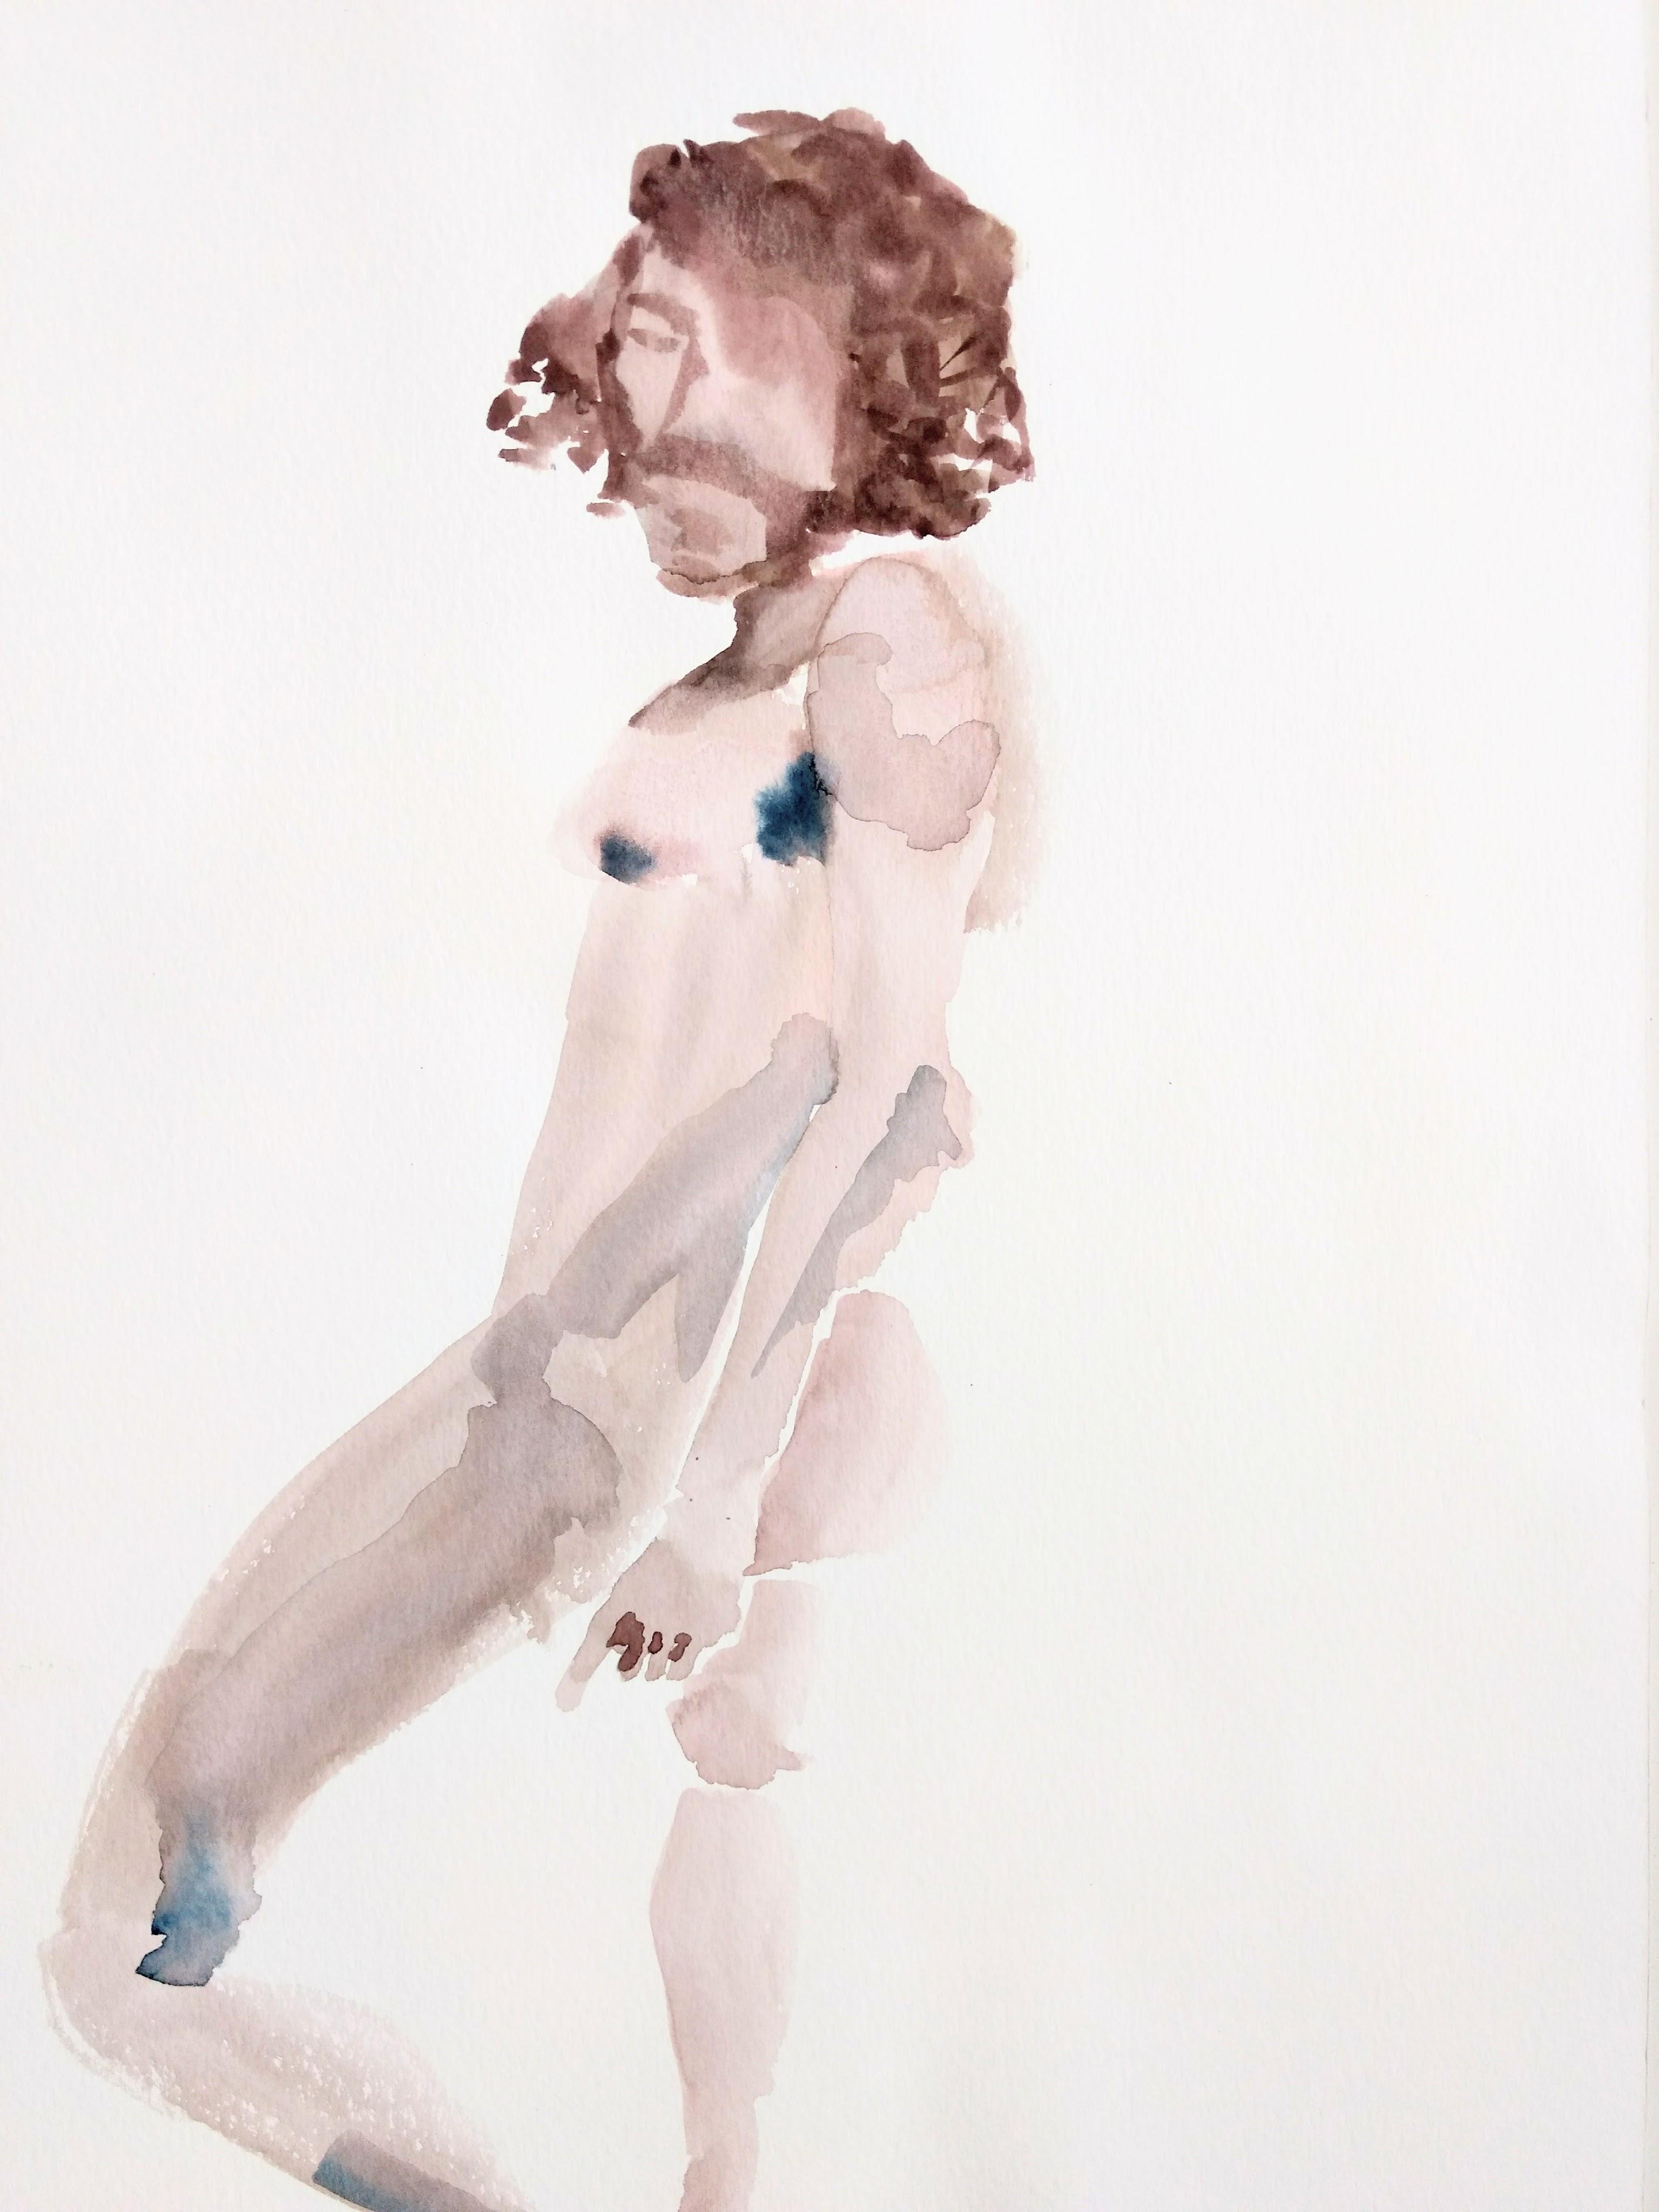 Desenho de modelo masculino nu, em aquarela, realizado durante Prática de modelo vivo com Rafa Coutinho e Laerte no espaço Breu em 2017.